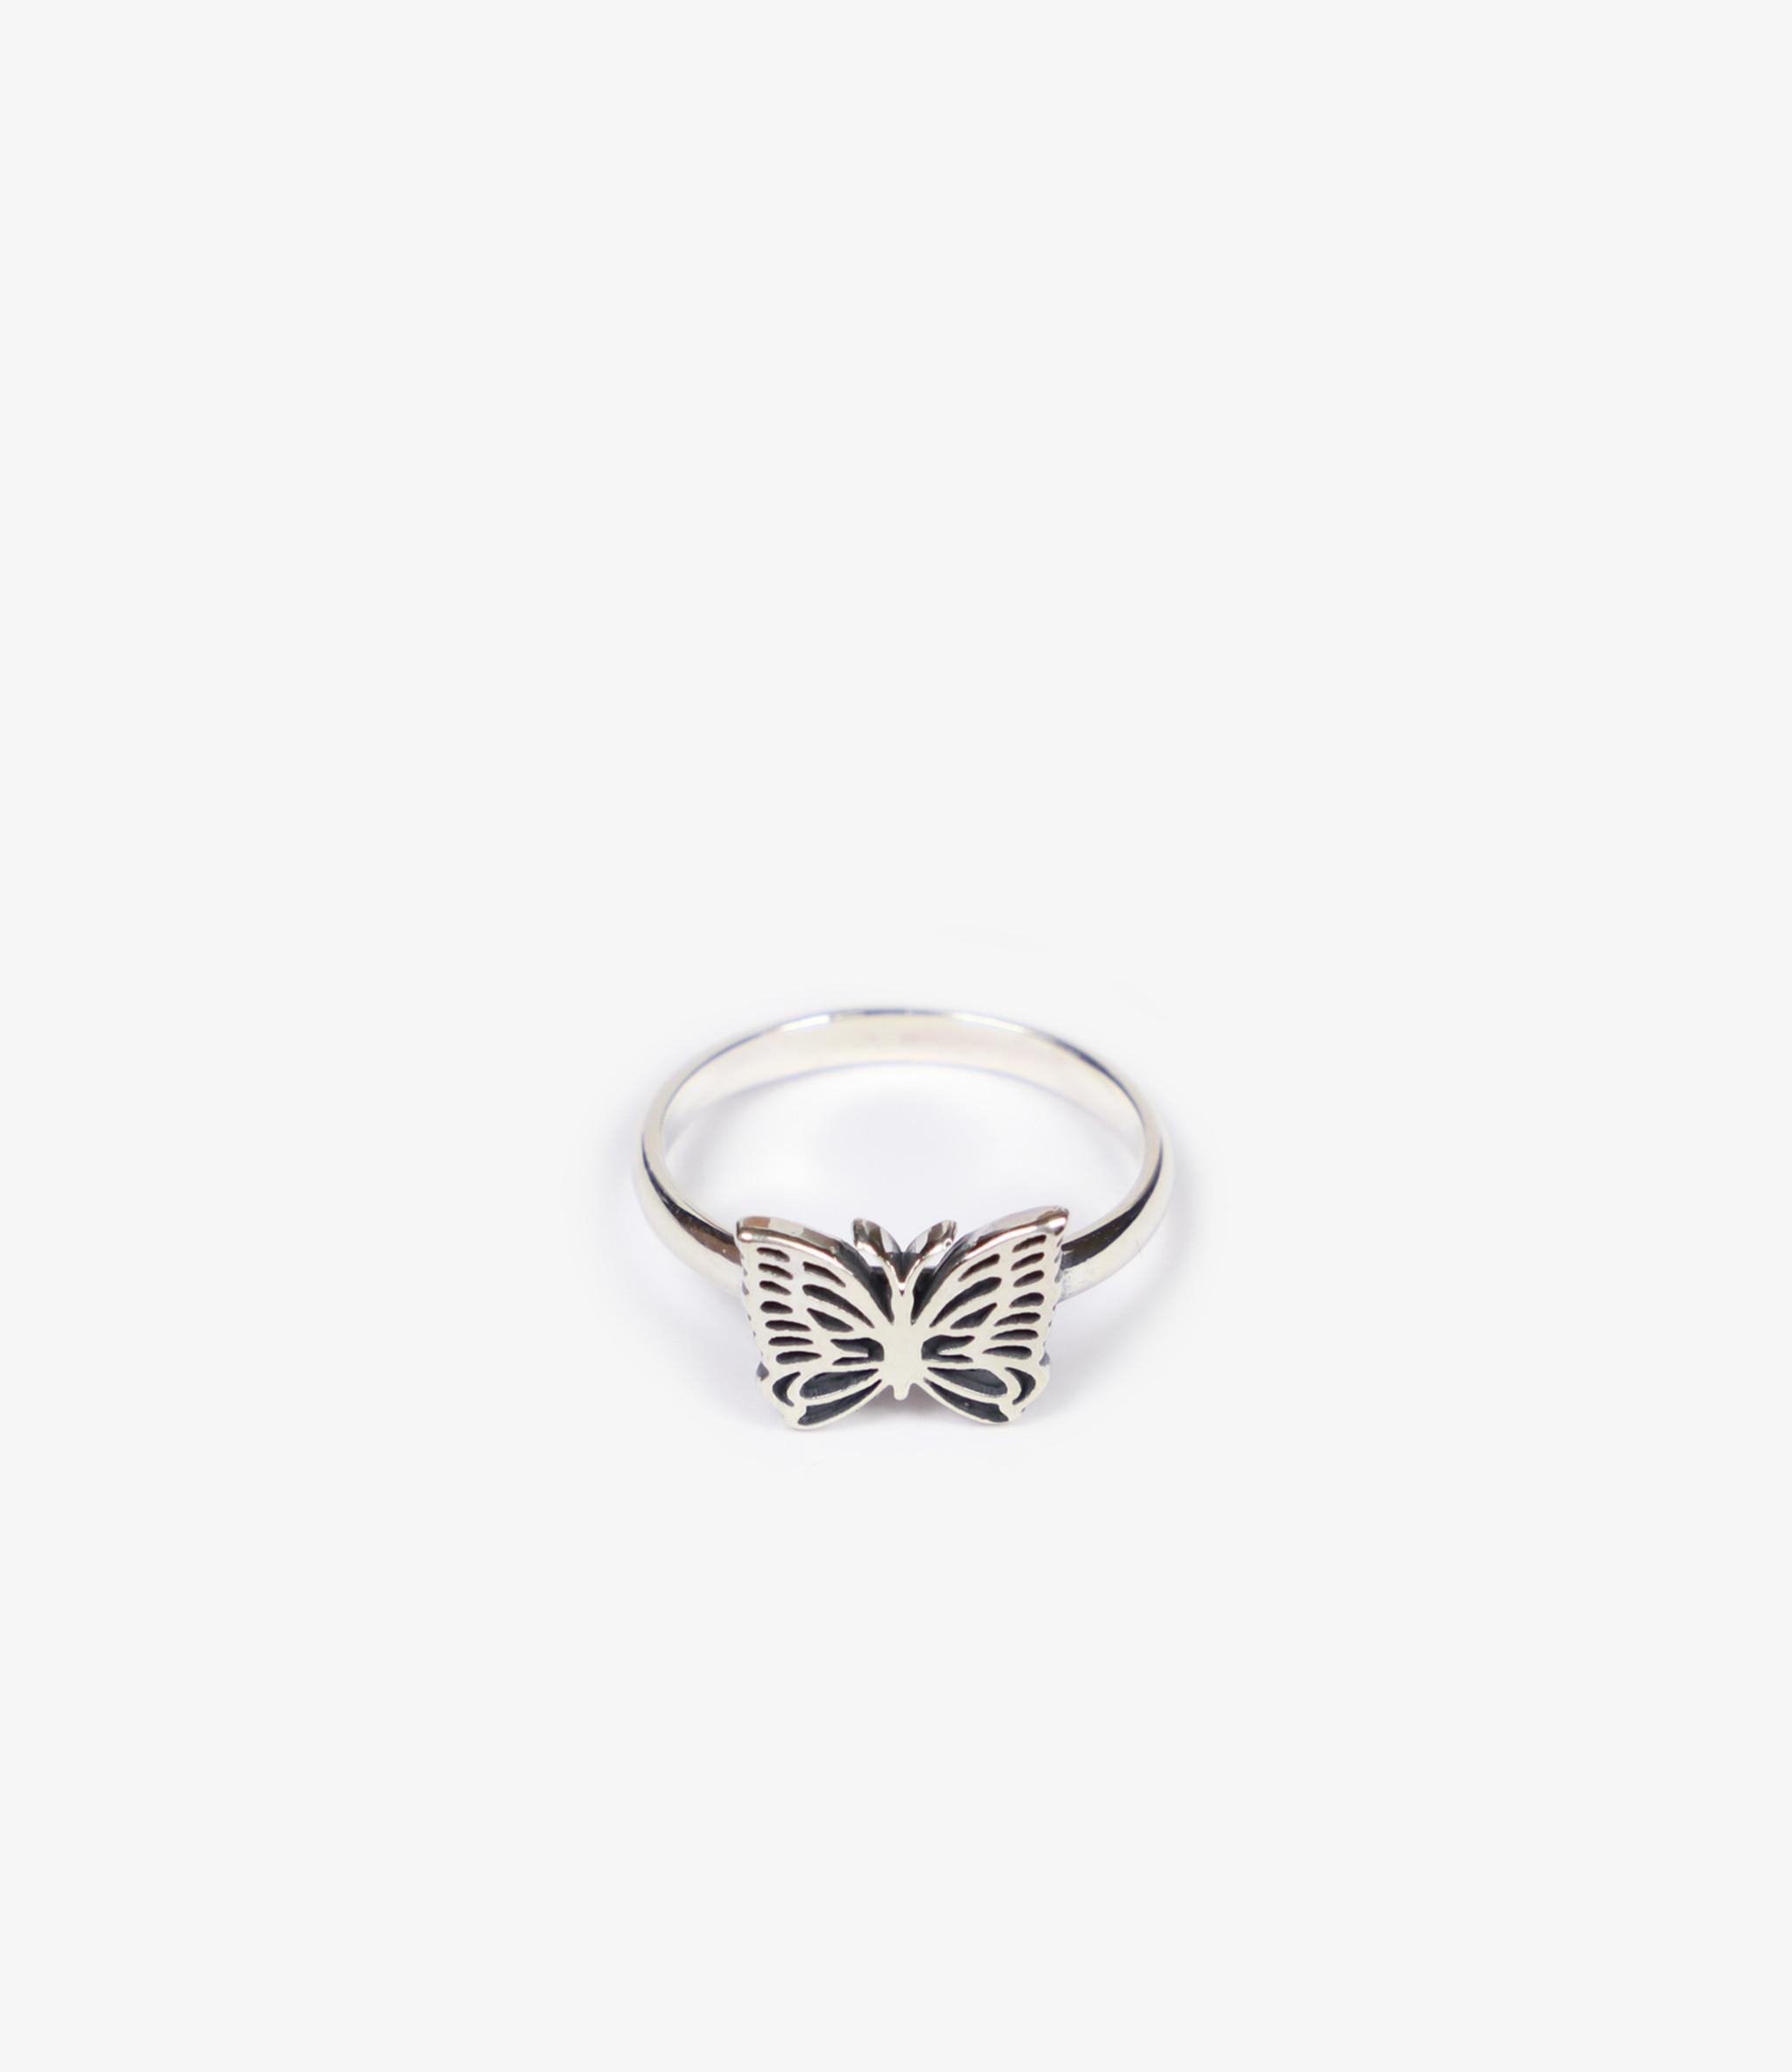 Needles Ring - 925 Silver - Papillon